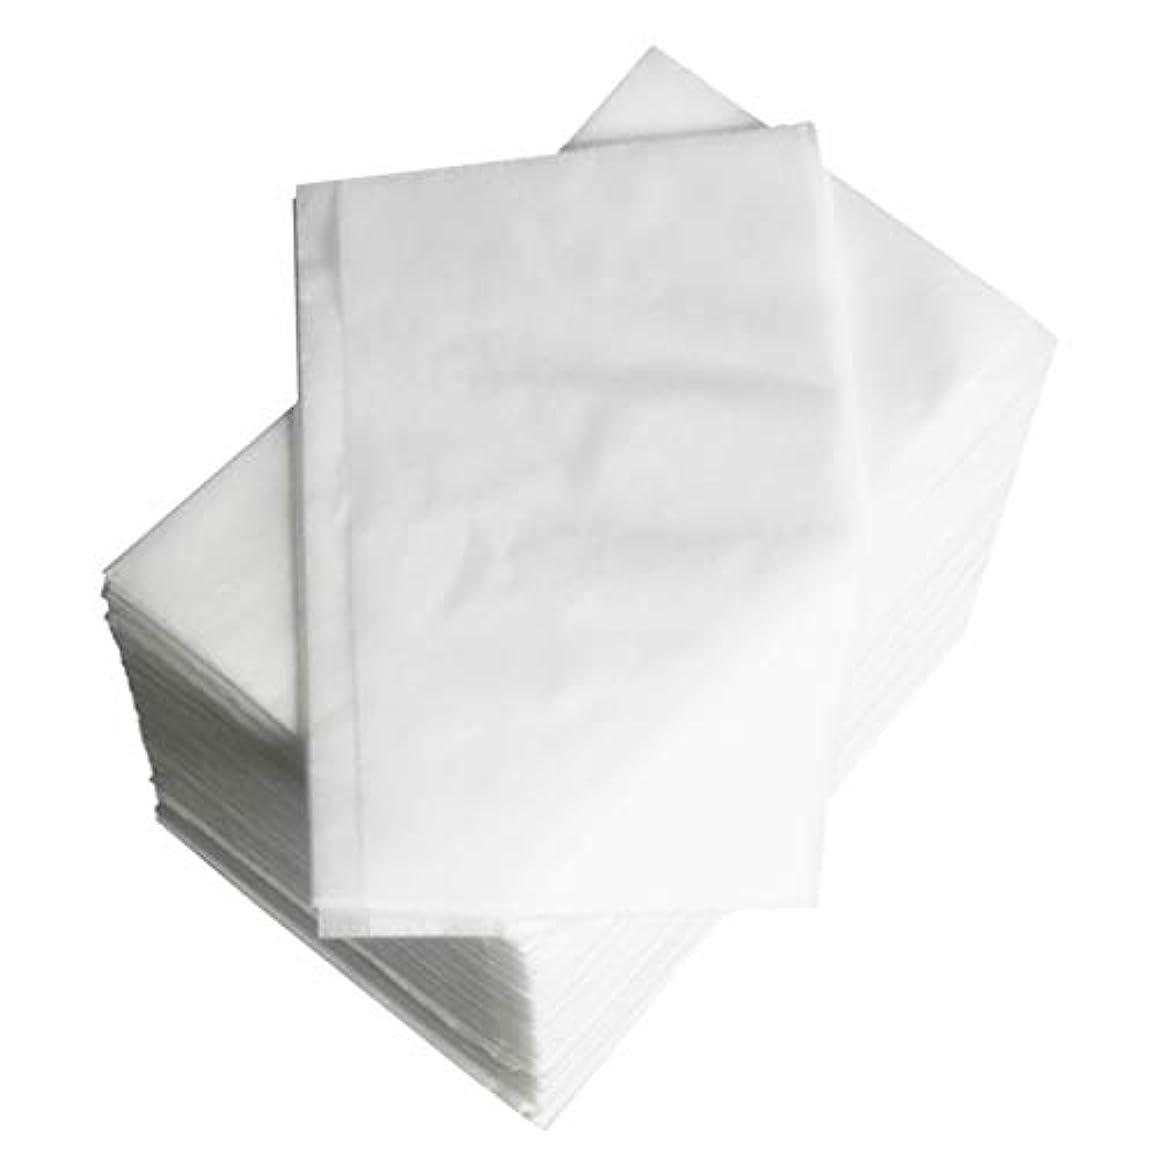 スープ重量致命的マッサージ テーブルカバー使い捨て 約100個入り 全2カラー - 白